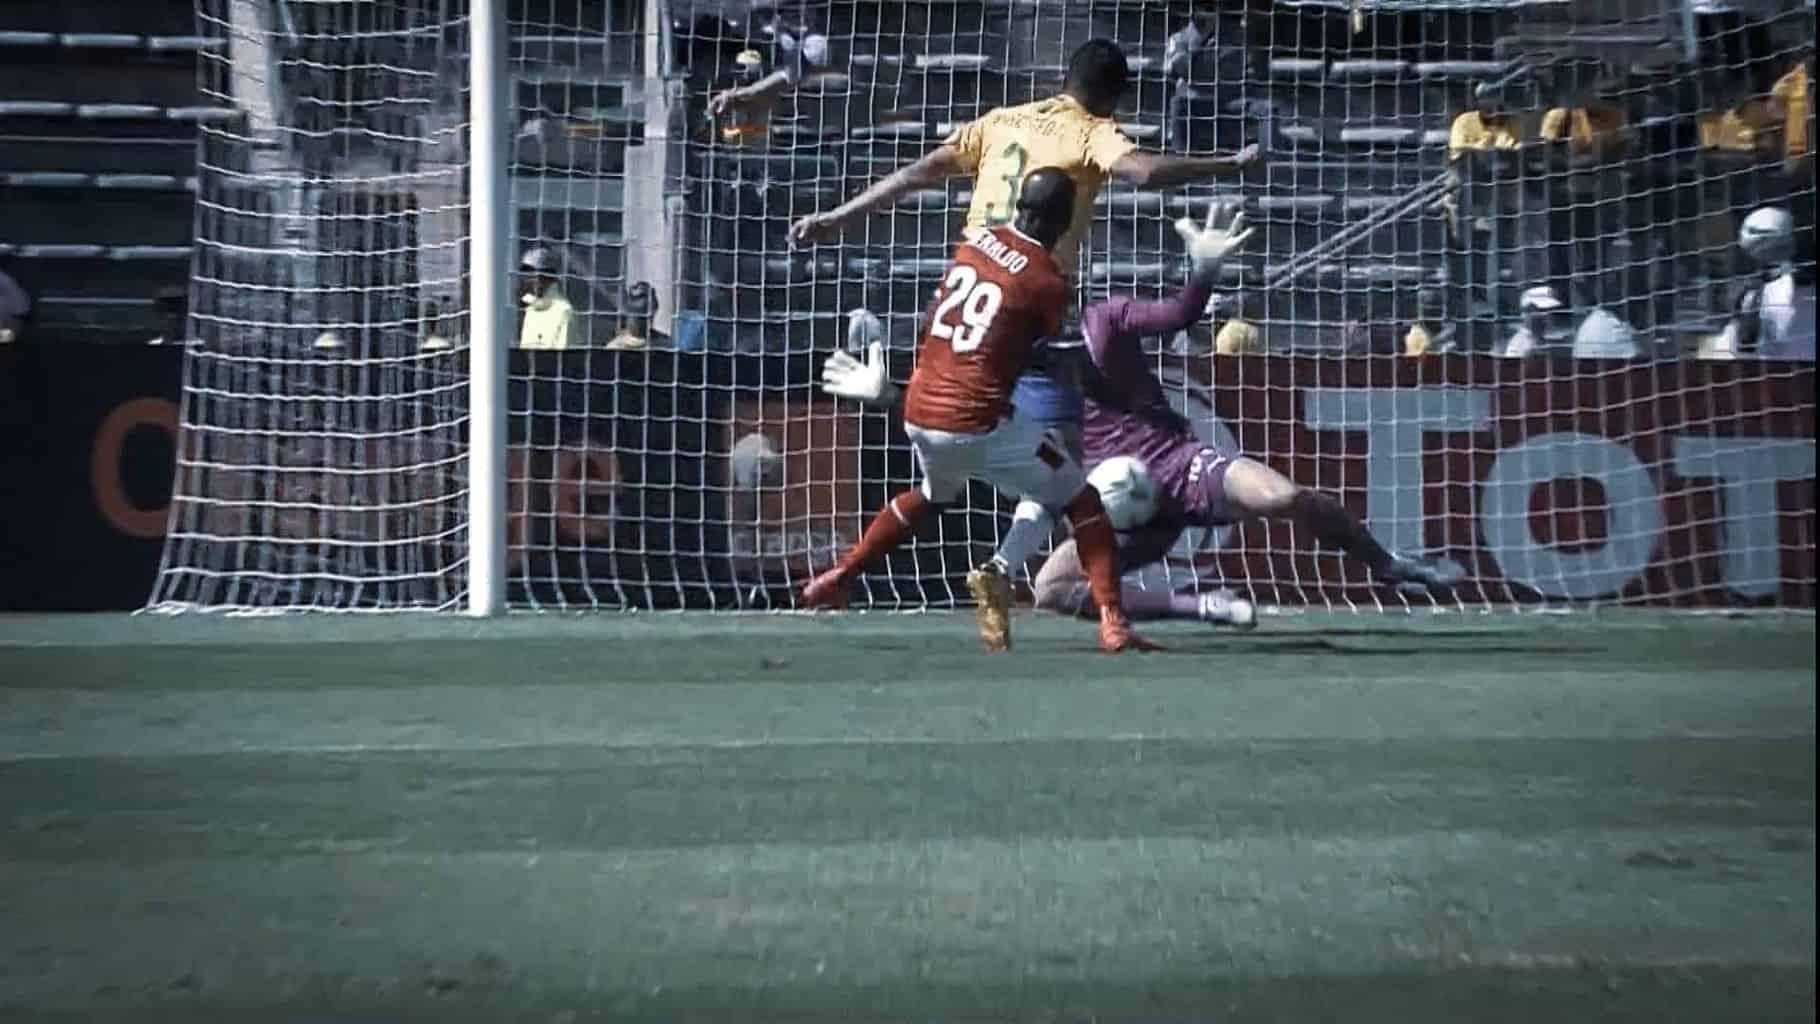 حارس الأهلي محمد الشناوي يتألق أمام صنداونز في إياب ربع نهائي دوري أبطال أفريقيا 2020 (صور: TV)